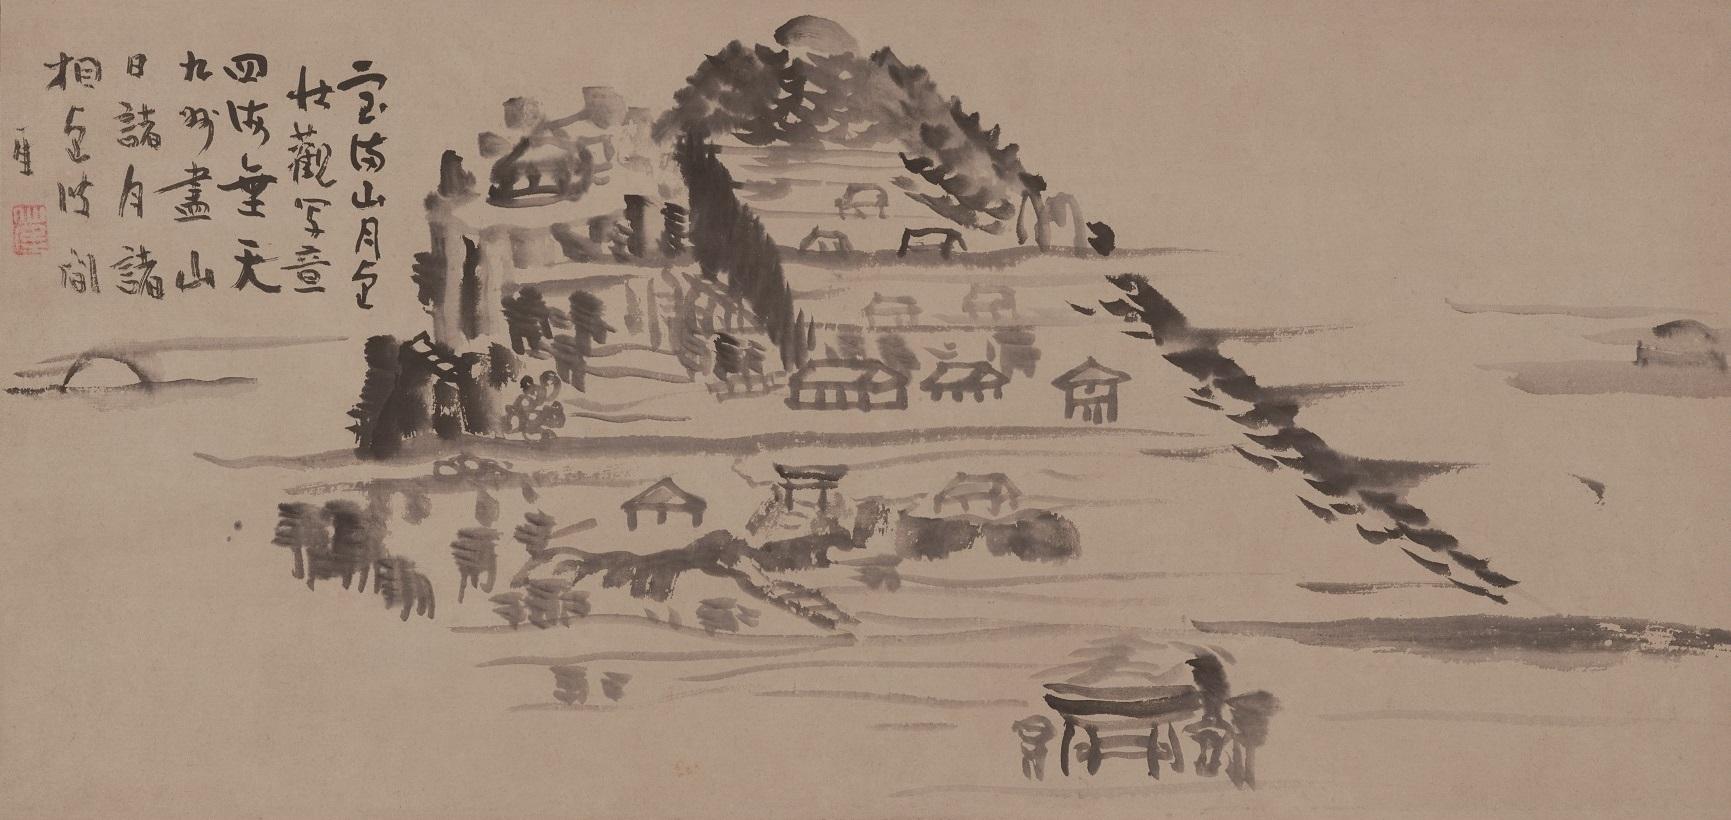 仙厓義梵筆 《宝満山図》